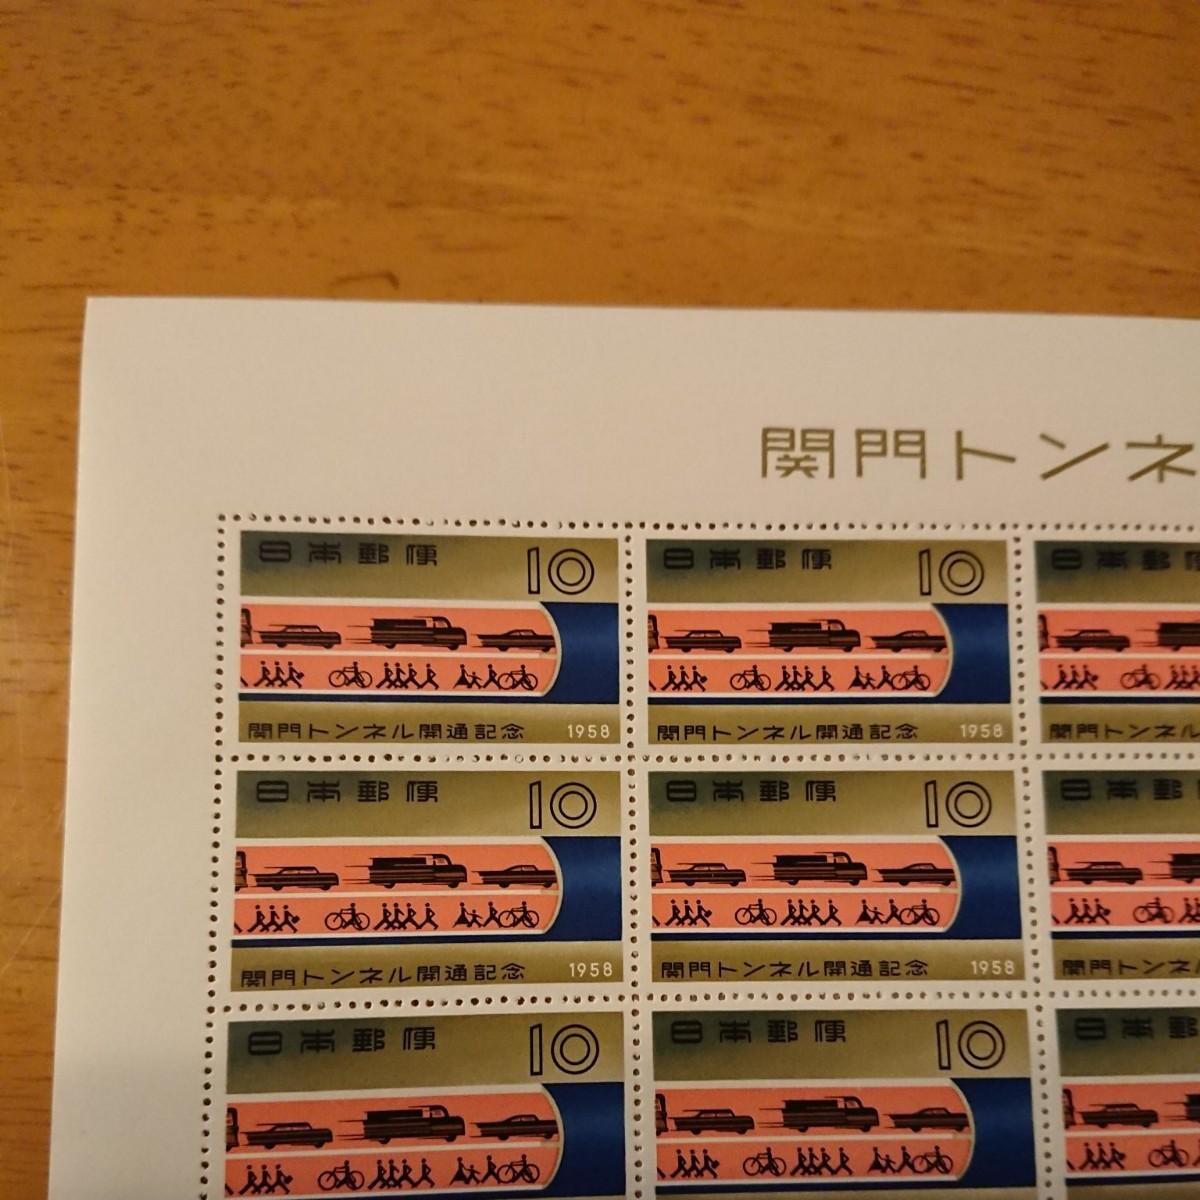 【記念切手】開門トンネル開通 記念@10円 《1シート》